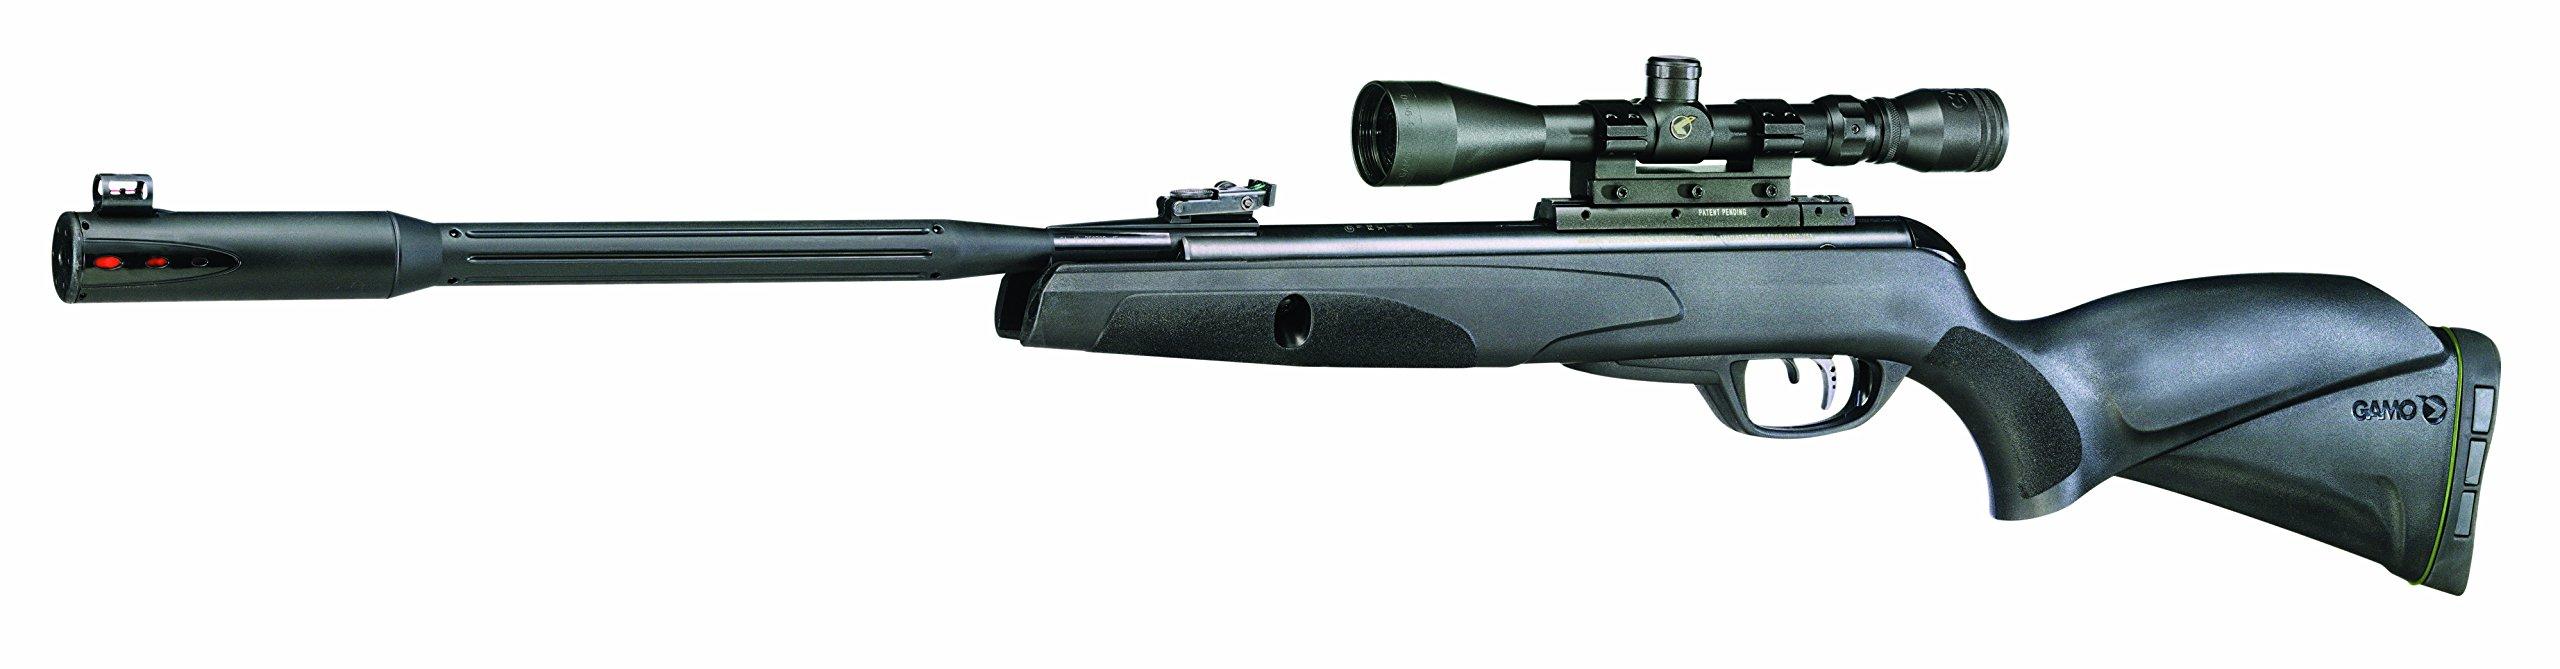 Gamo 611006325554 Whisper Fusion Mach 1 Air Rifle .22 Cal by Gamo